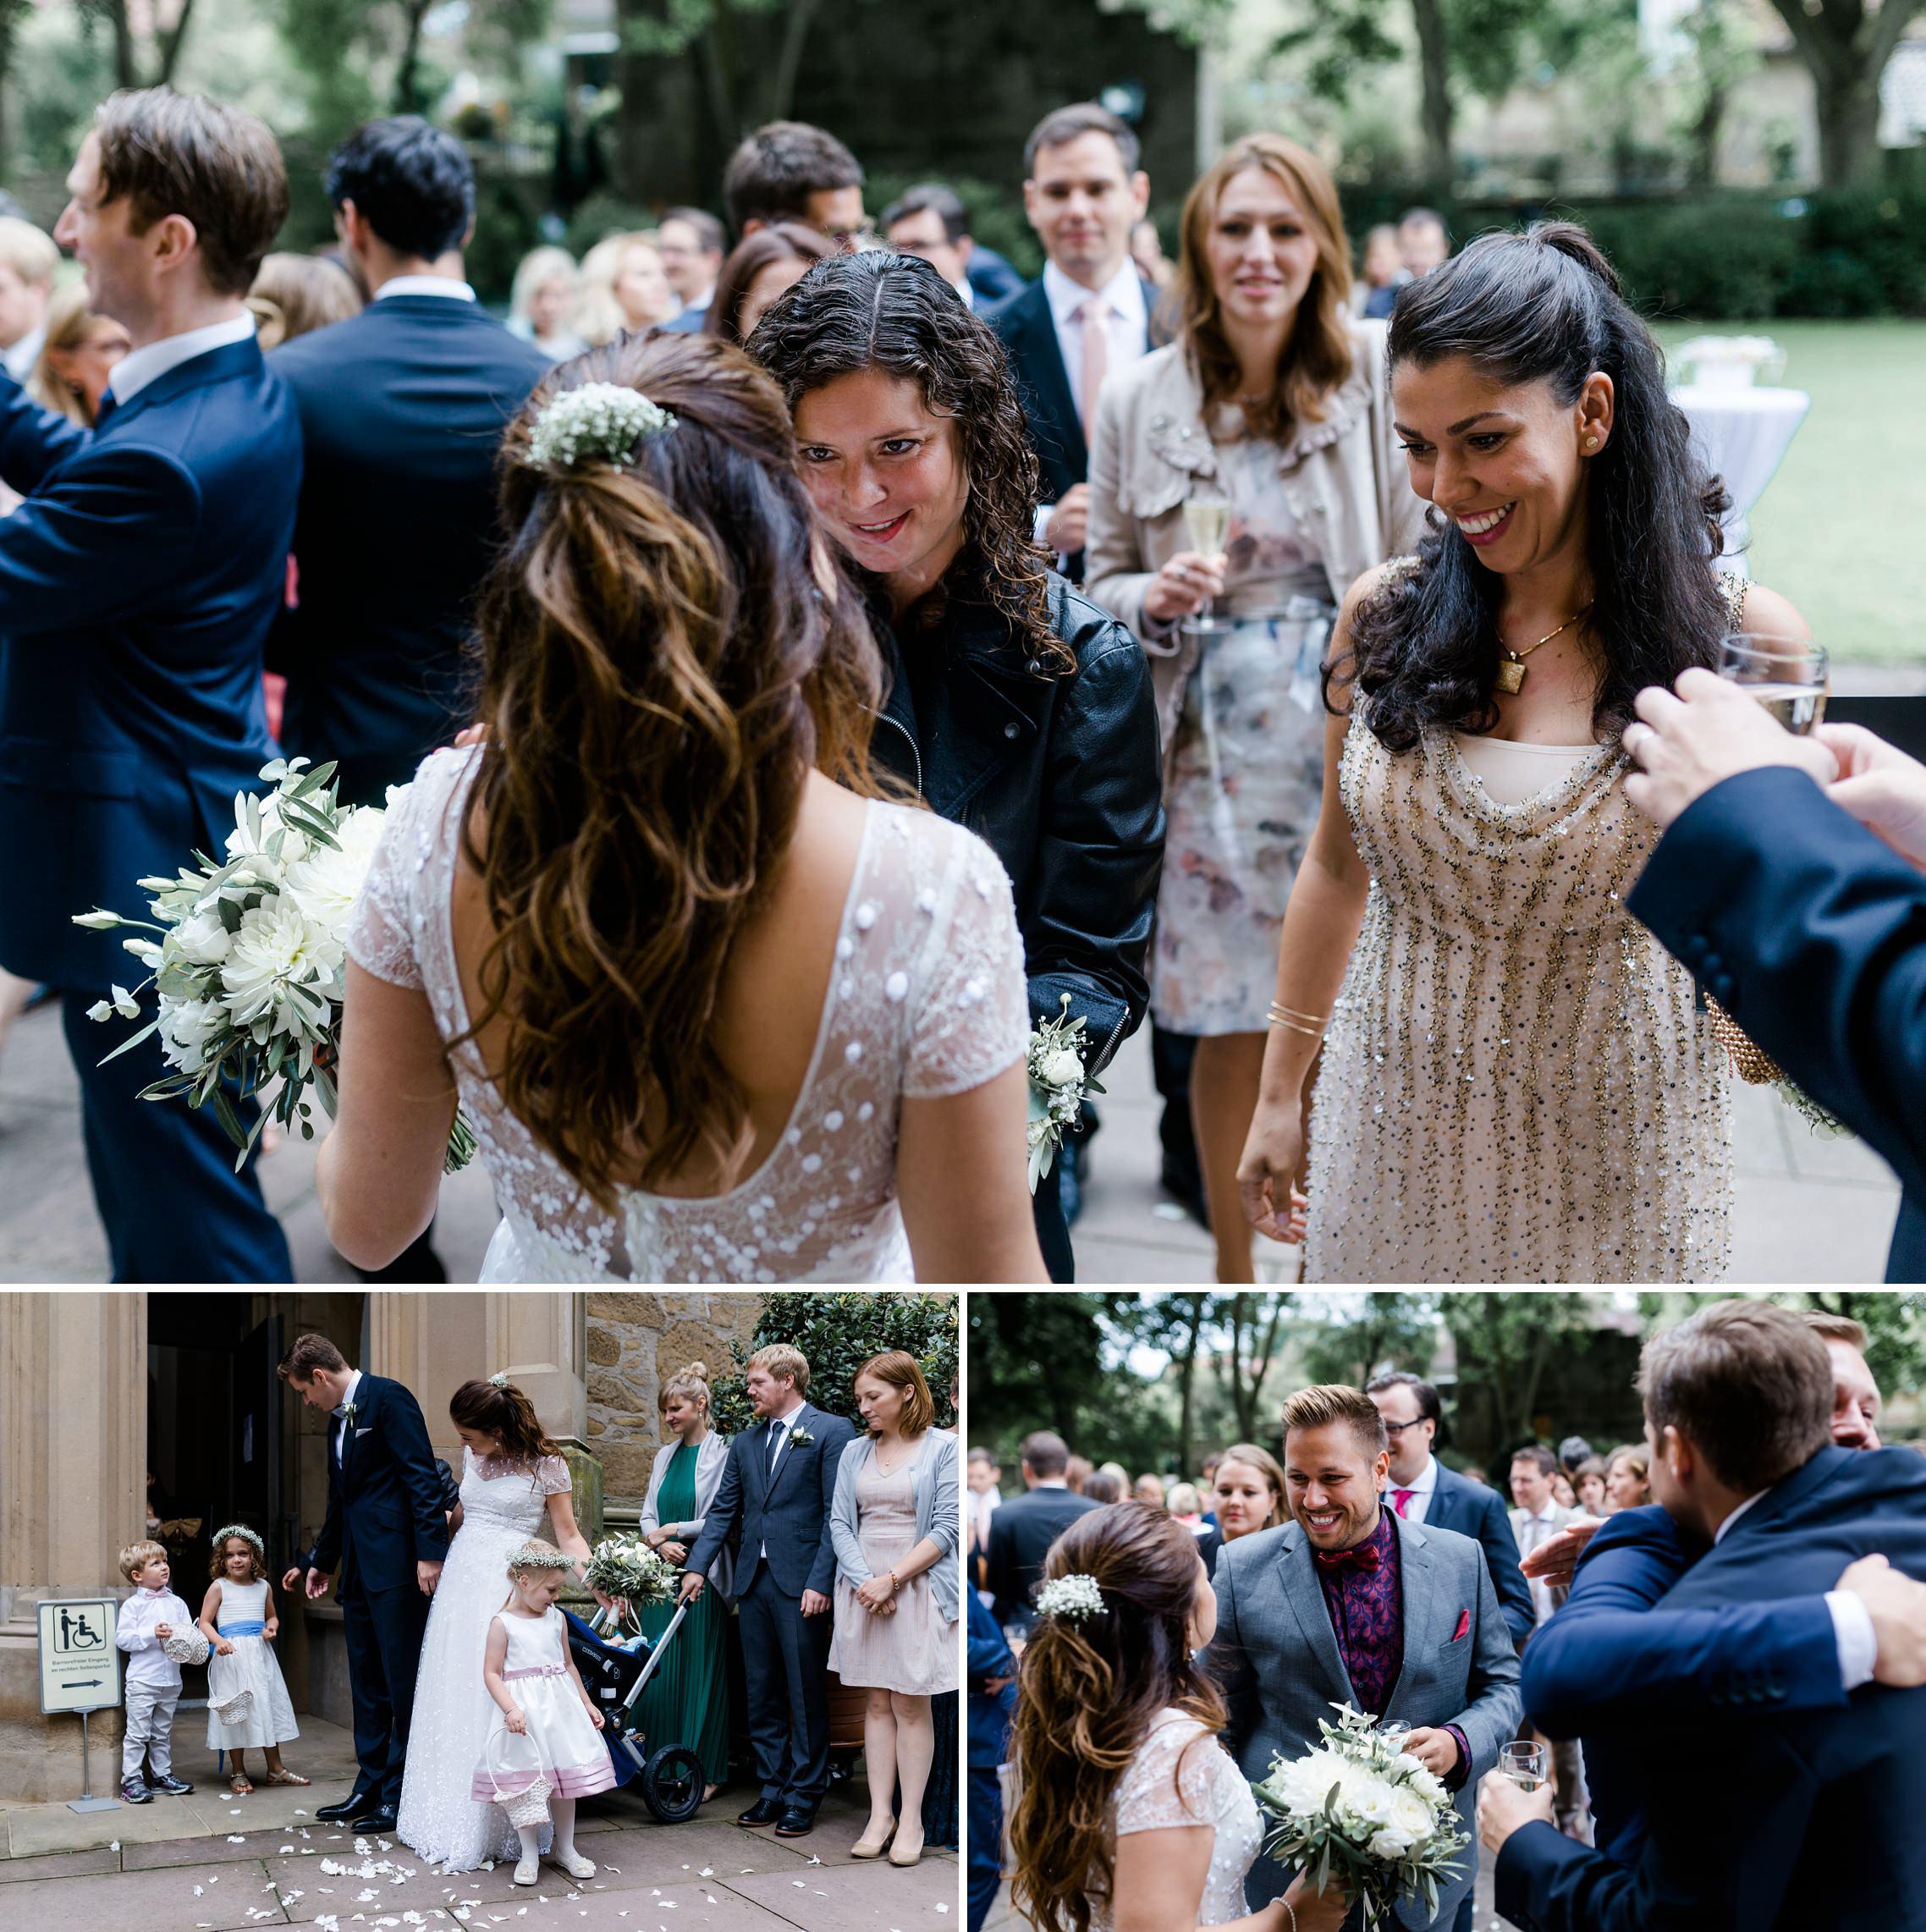 Die Gäste gratulieren dem frisch getrauten Hochzeitspaar vor der Schlosskirche in Meisenheim.